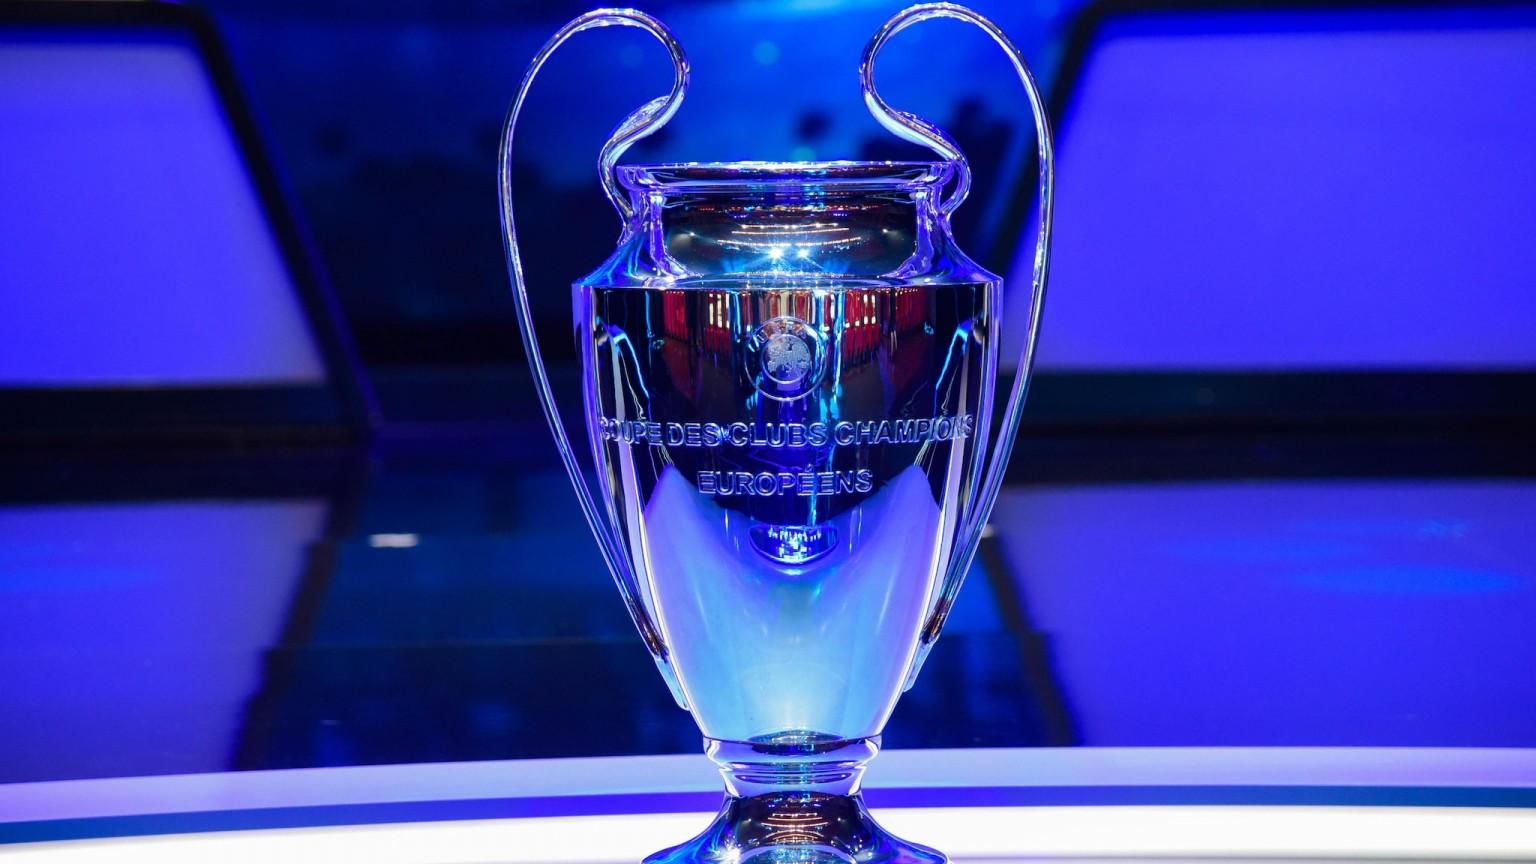 2020 21 uefa champions league fixtures sports loud 2020 21 uefa champions league fixtures